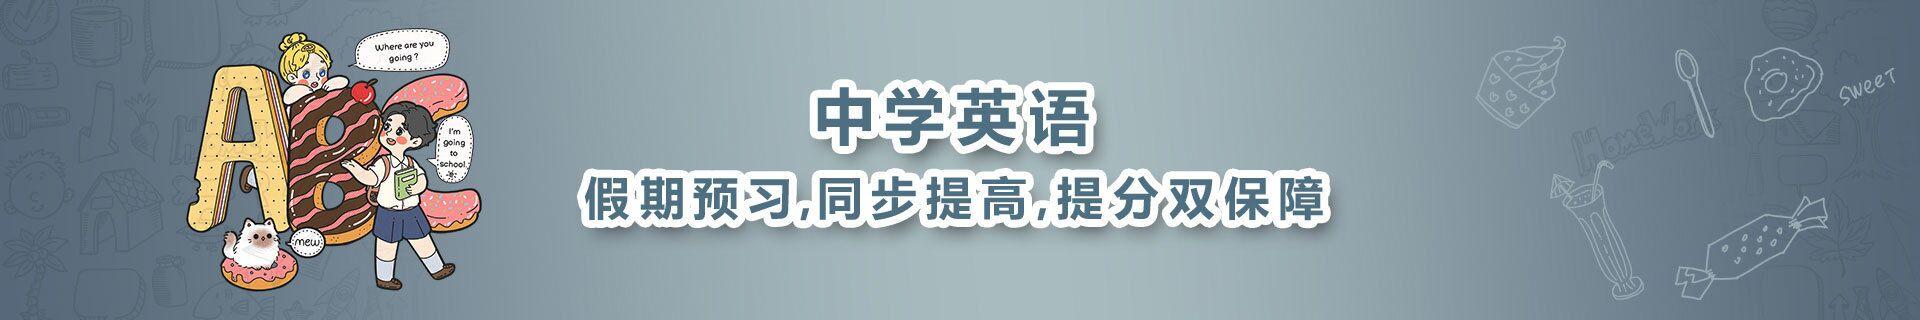 天津中小学一对一在线辅导机构